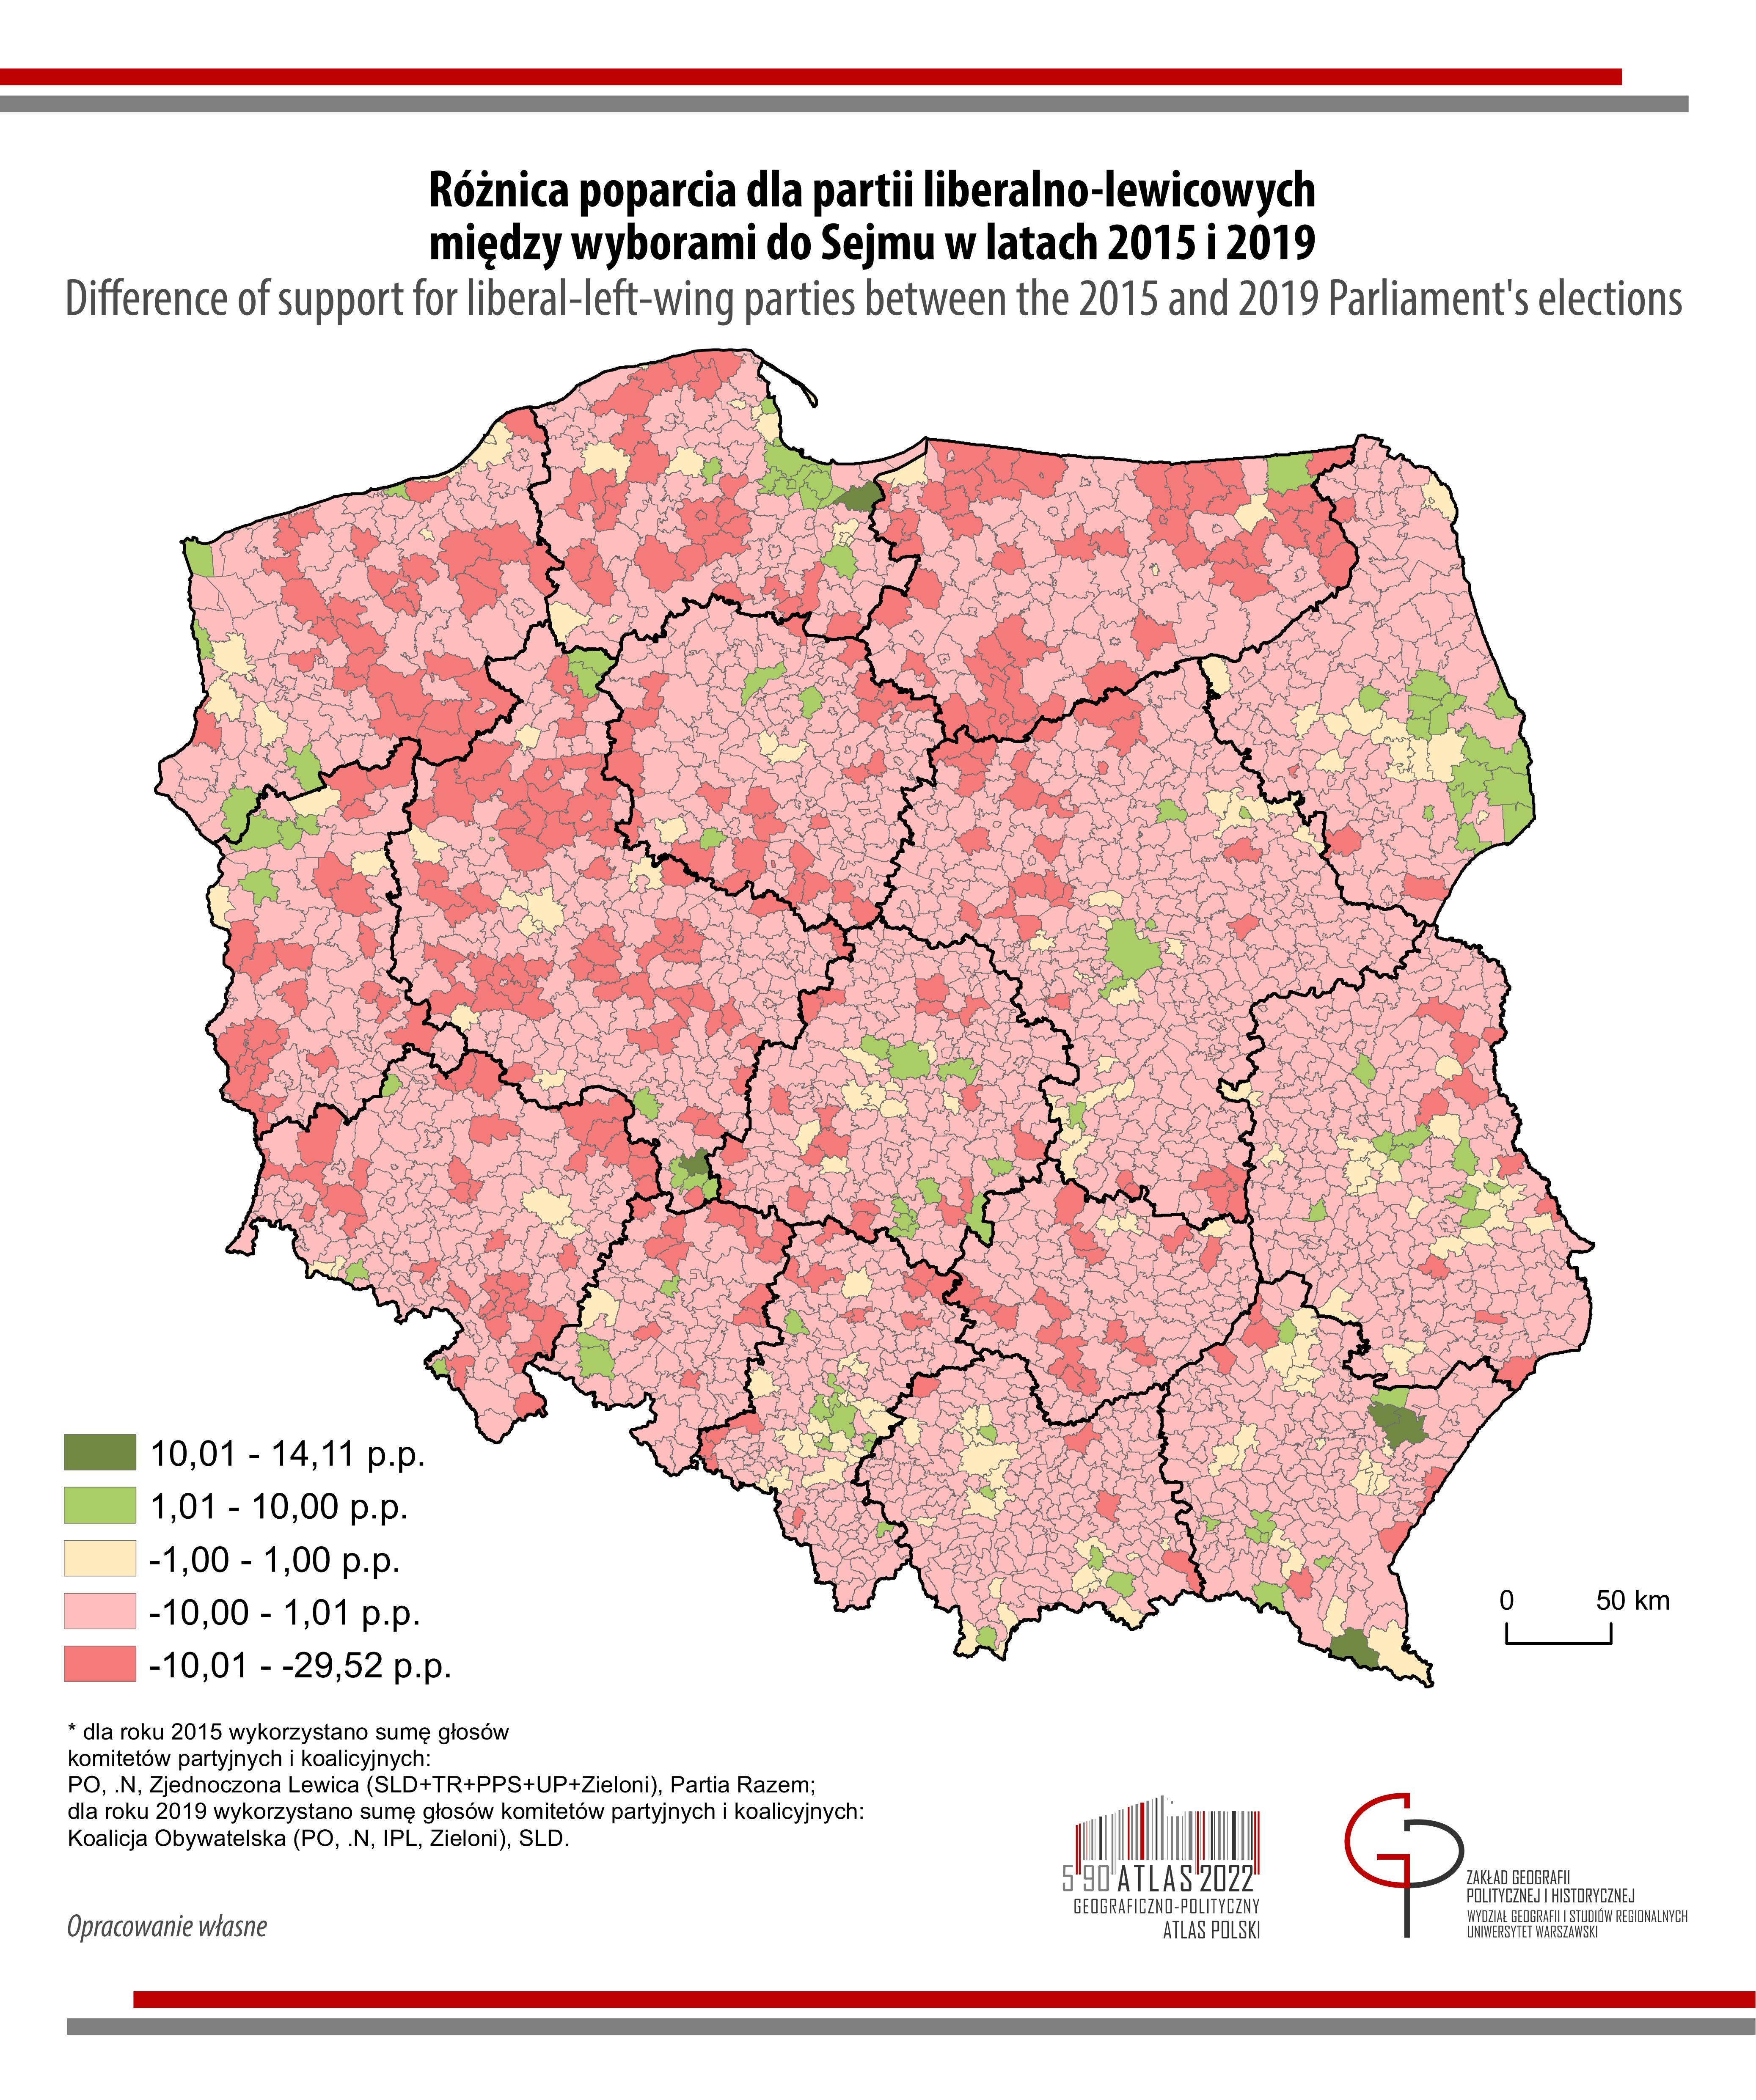 MAPA TYGODNIA: Różnice poparcia dla opozycji liberalno-lewicowej w wyborach do Sejmu w latach 2015-2019